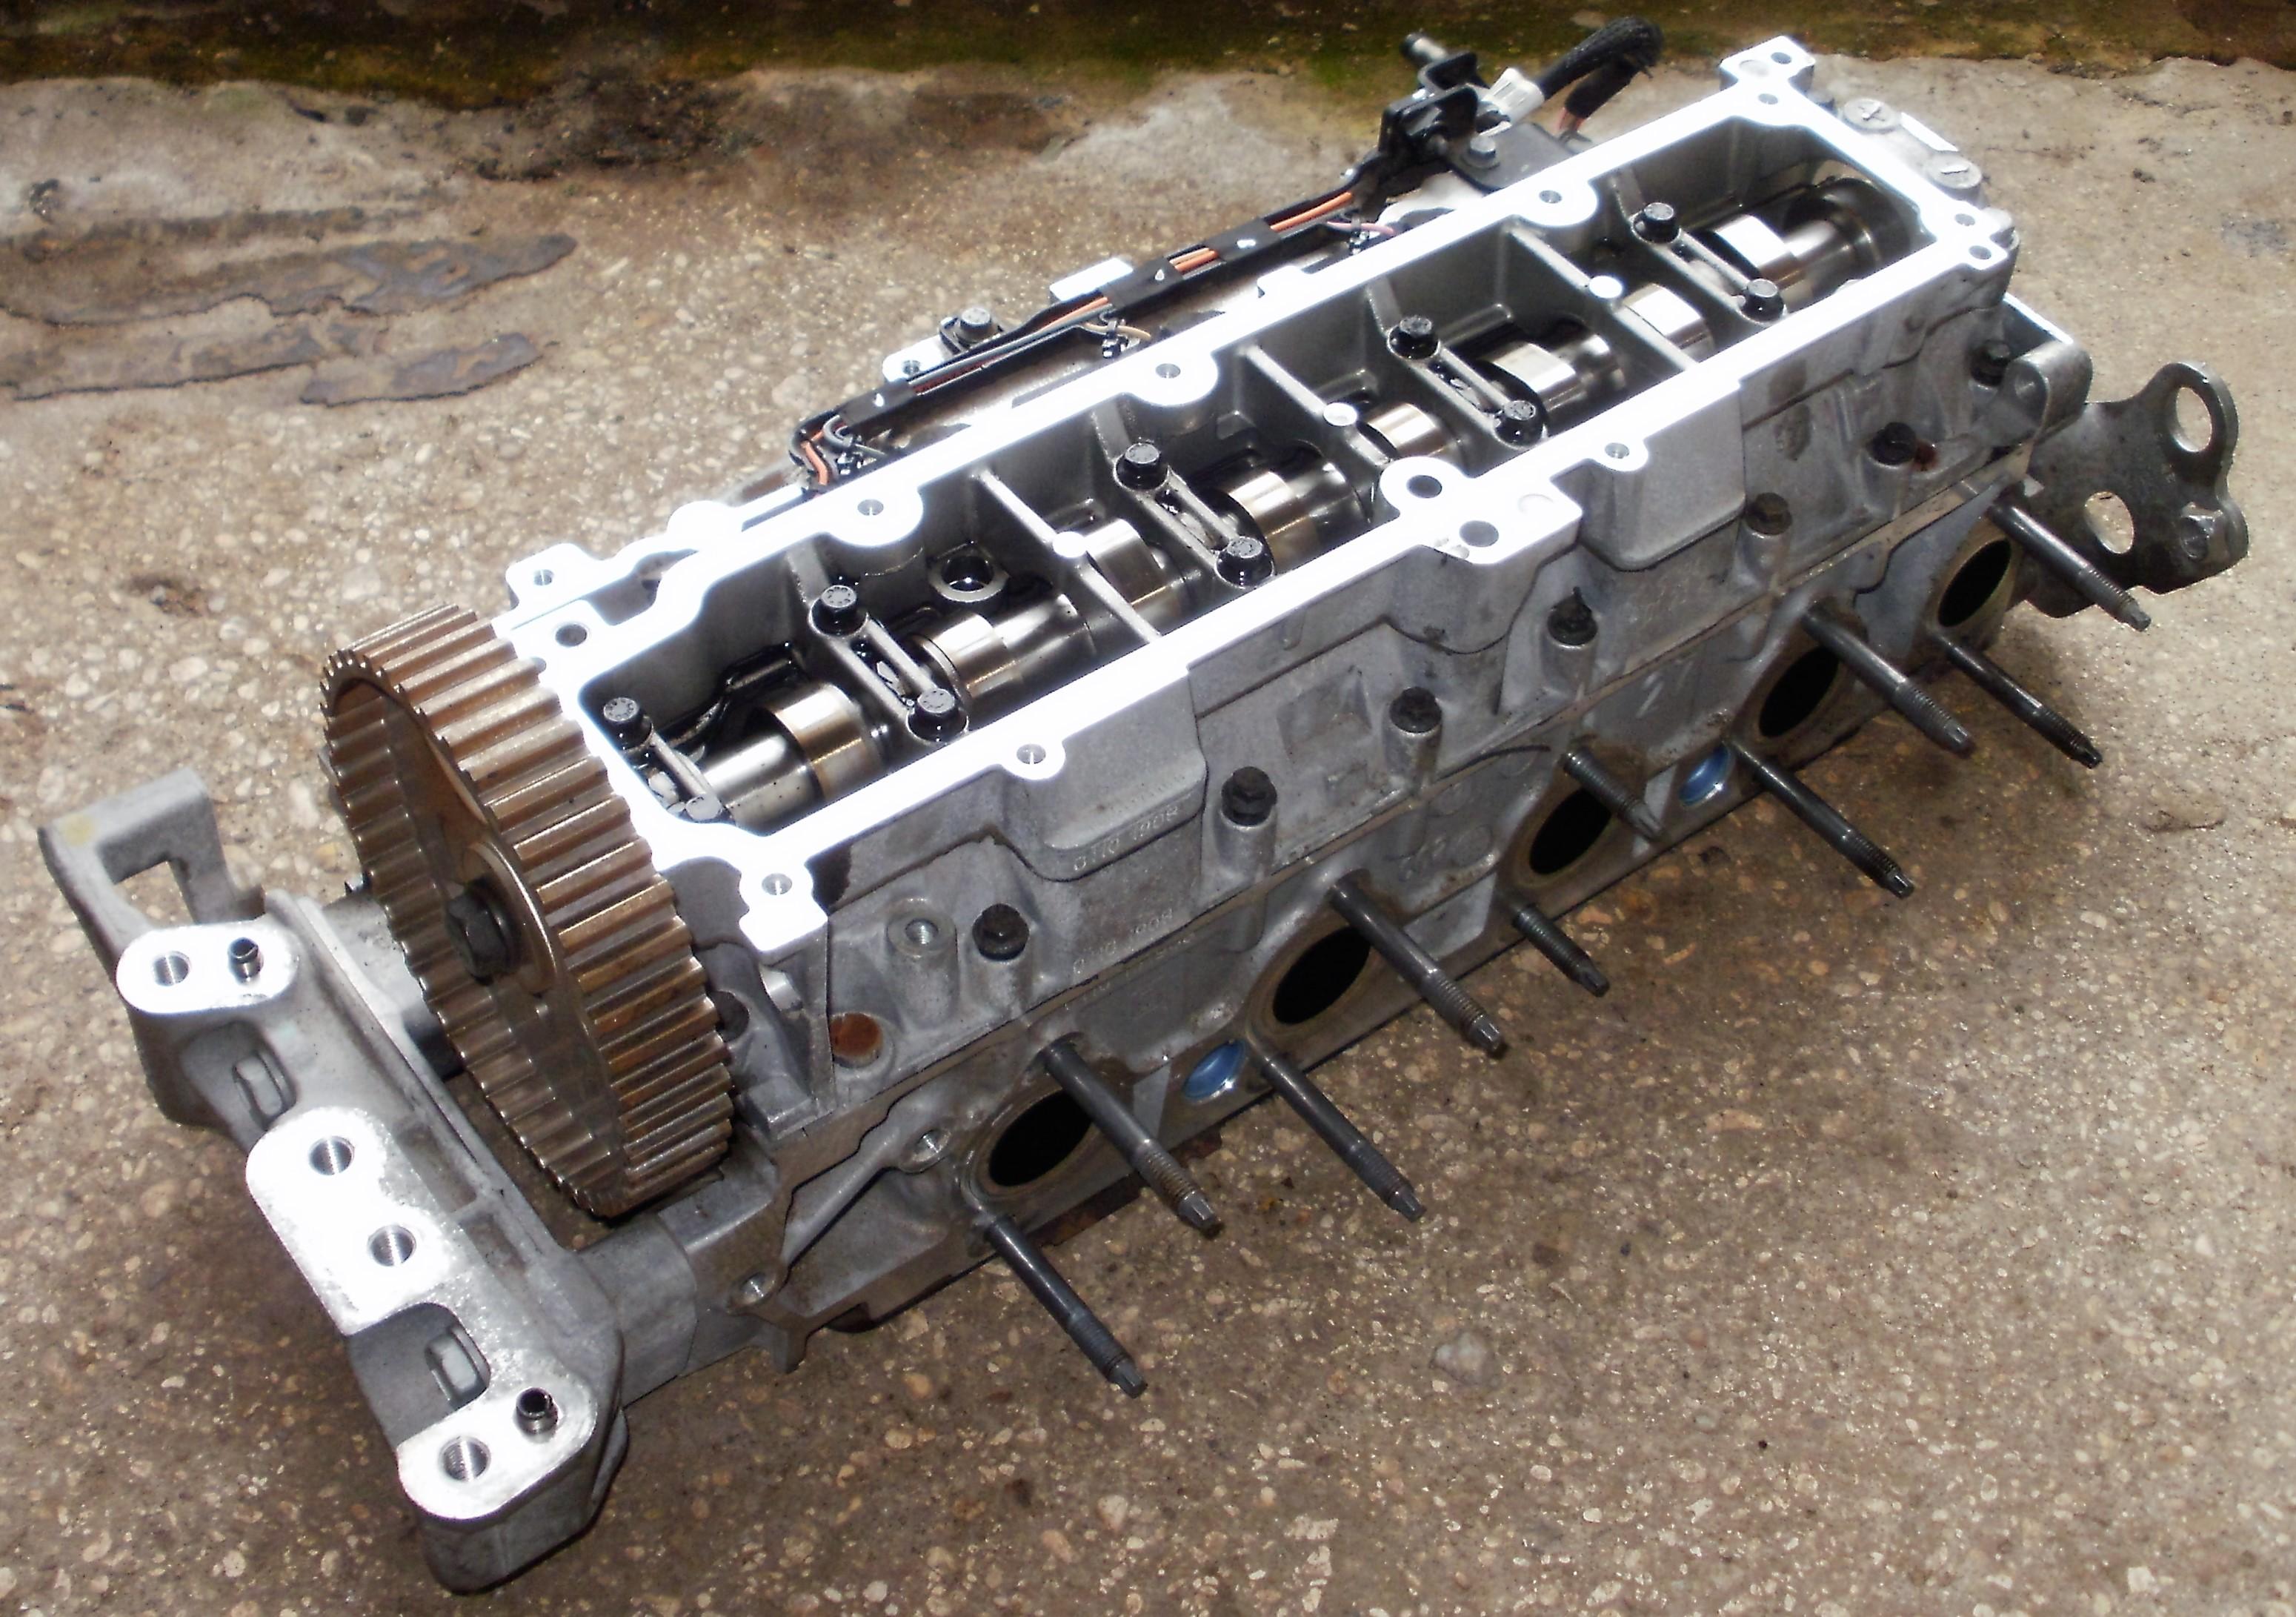 Melbourne Autos - 2015 Citroen C4 Picasso 1.6 BlueHdi Complete Cylinder Head